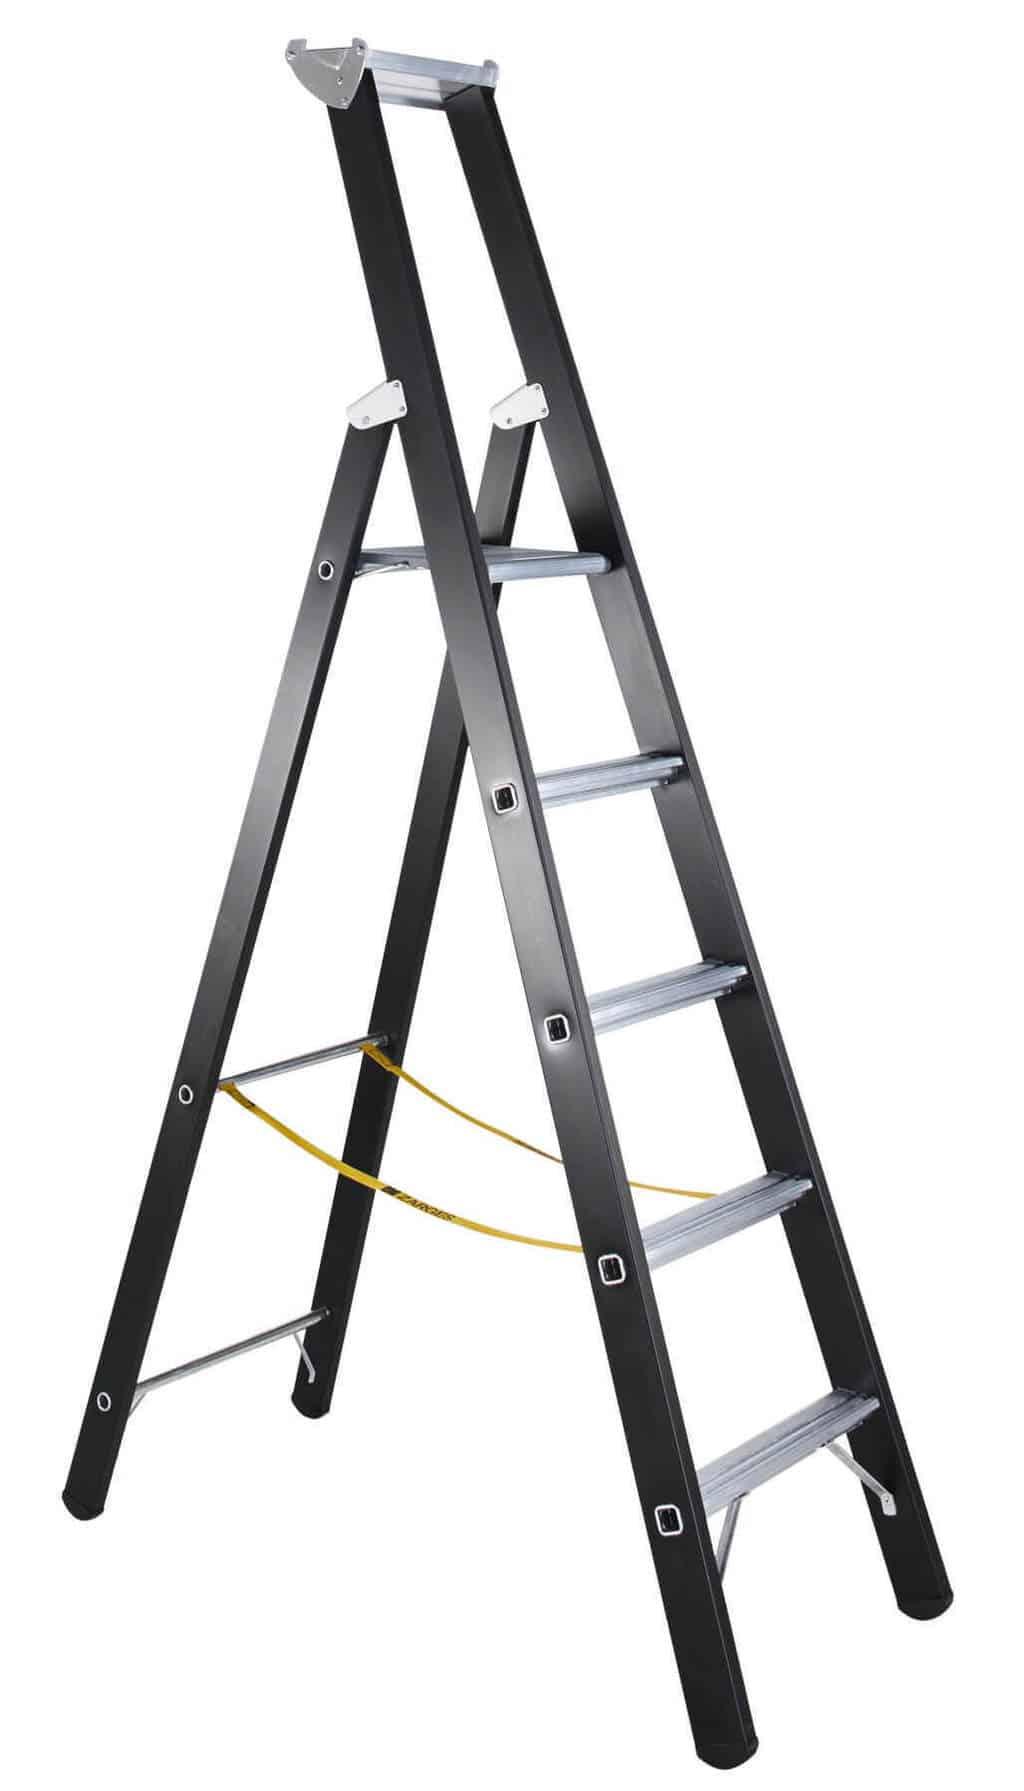 ZARGES Holz-Stehleiter 2 x 8 Sprossen Z600